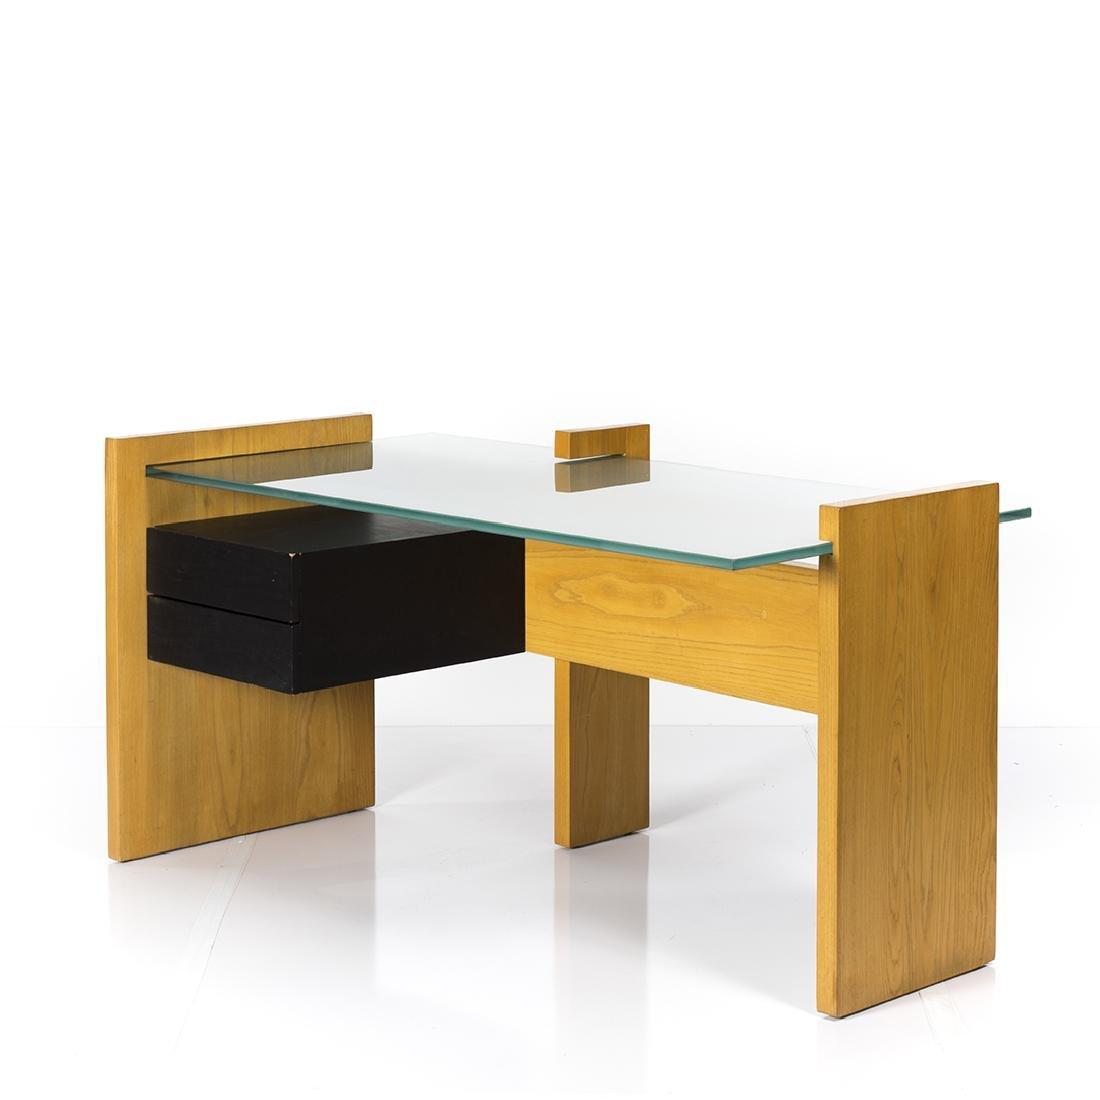 Architectural Desk - 2